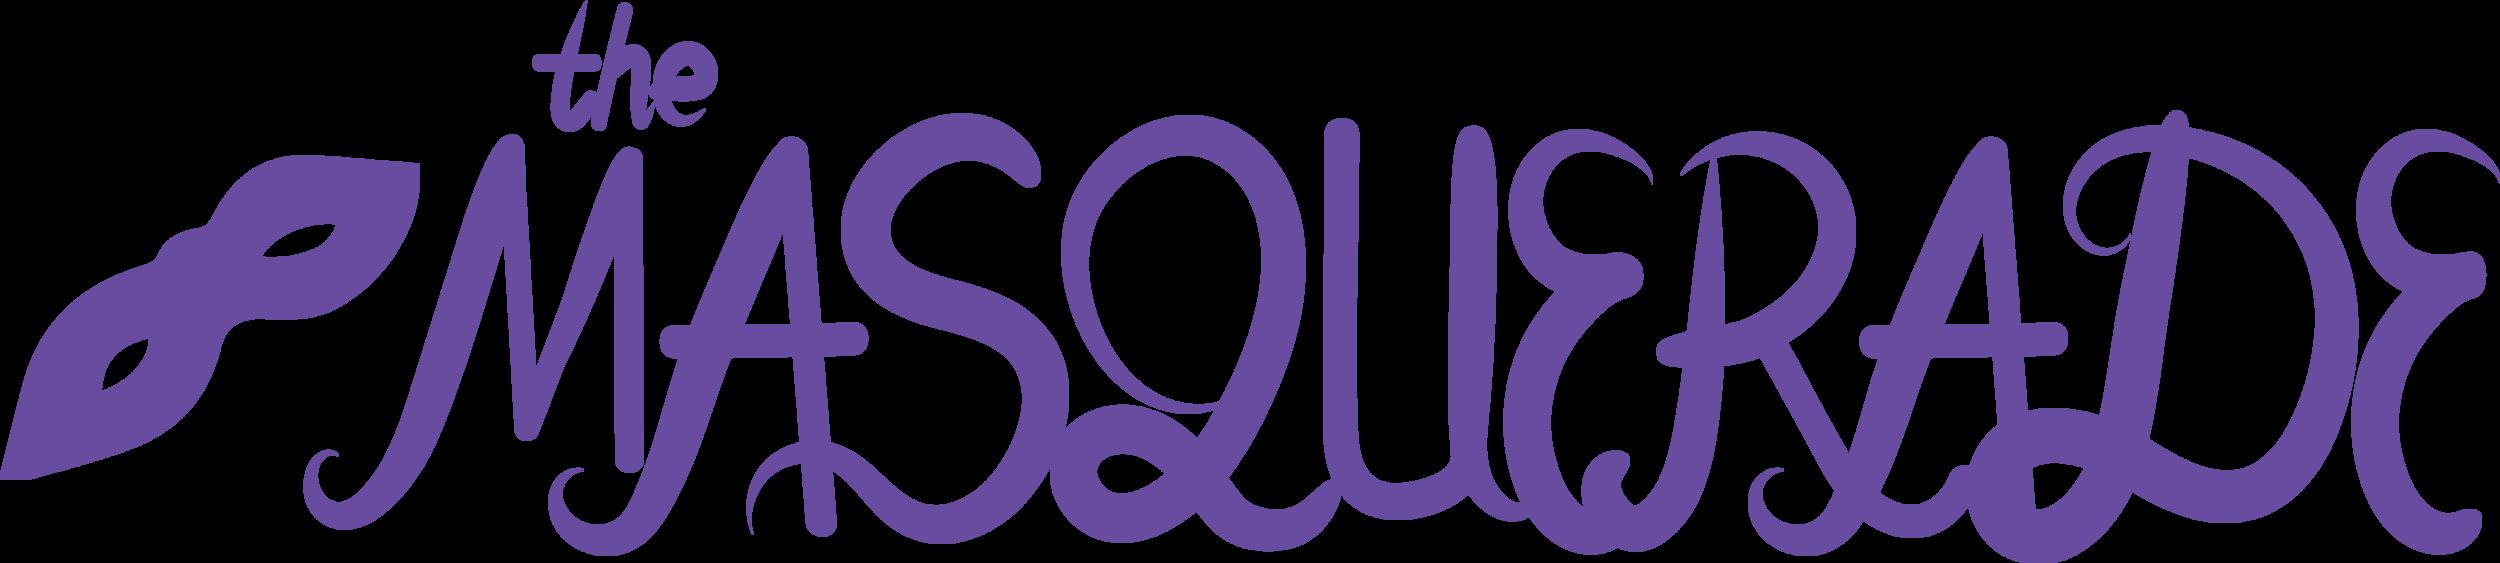 Masq Logo .png